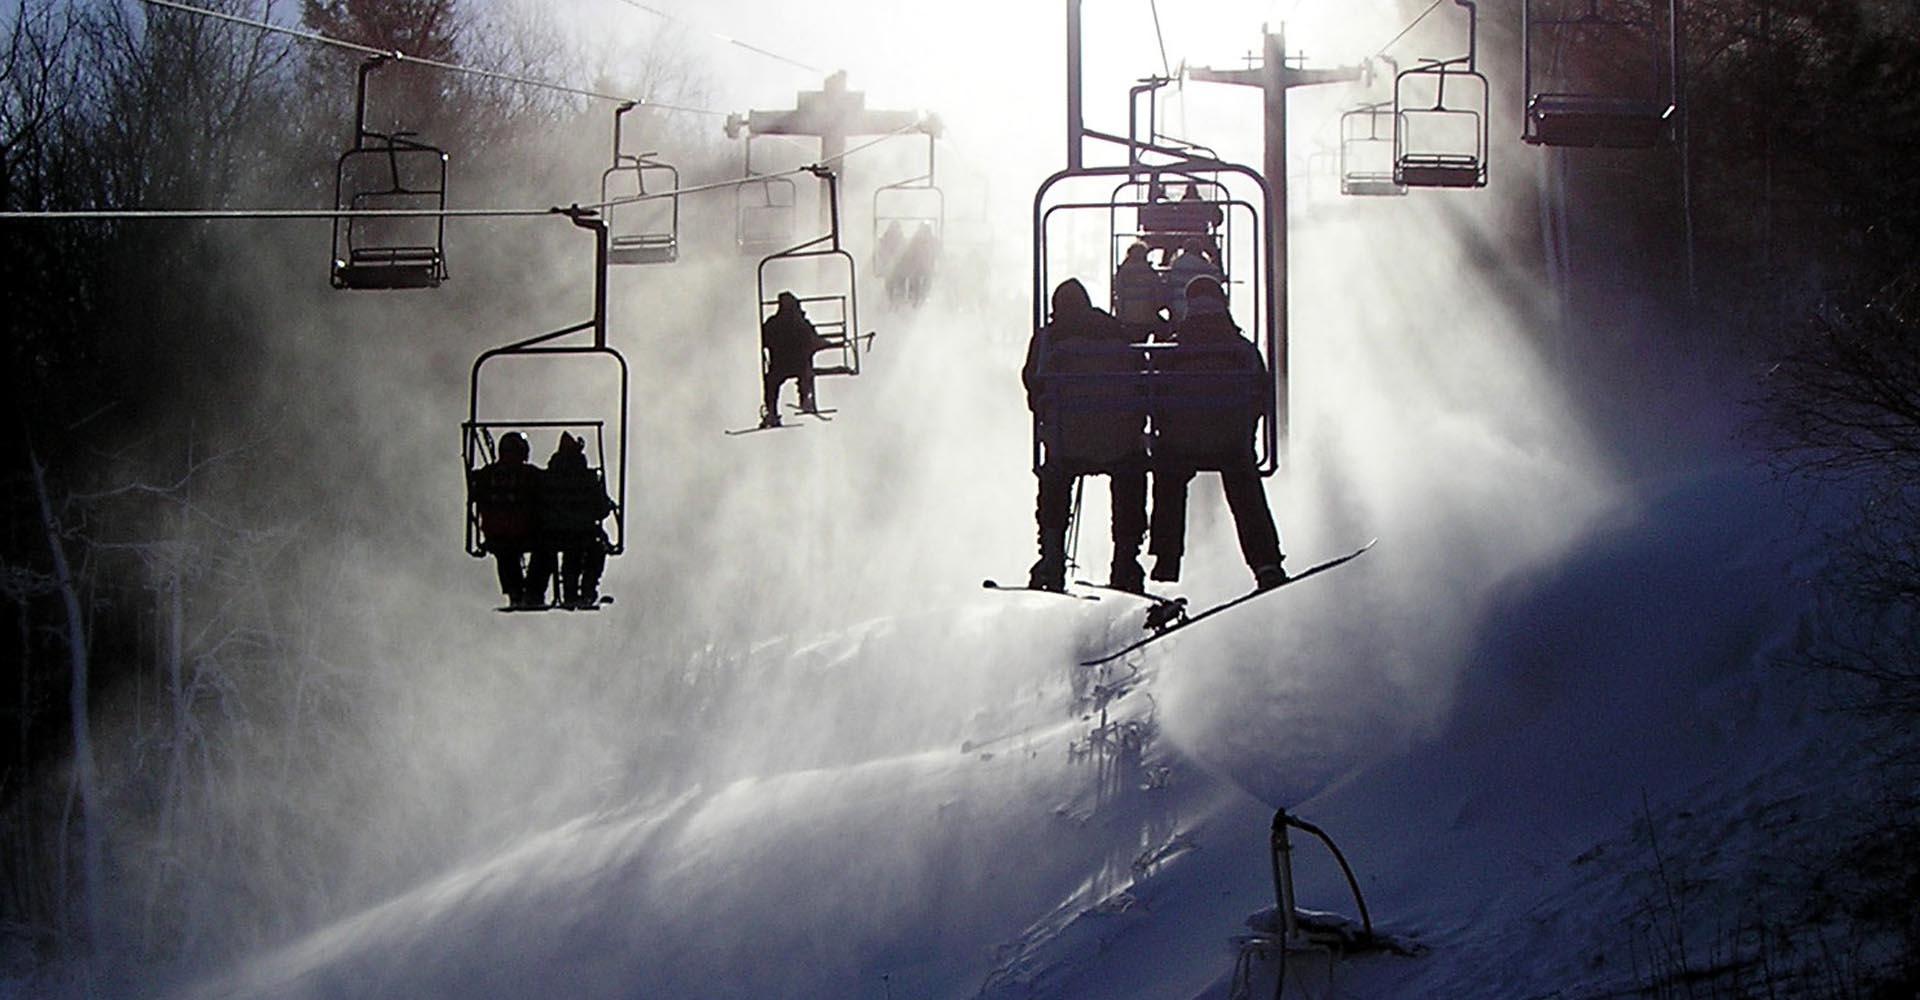 skilifts photo website